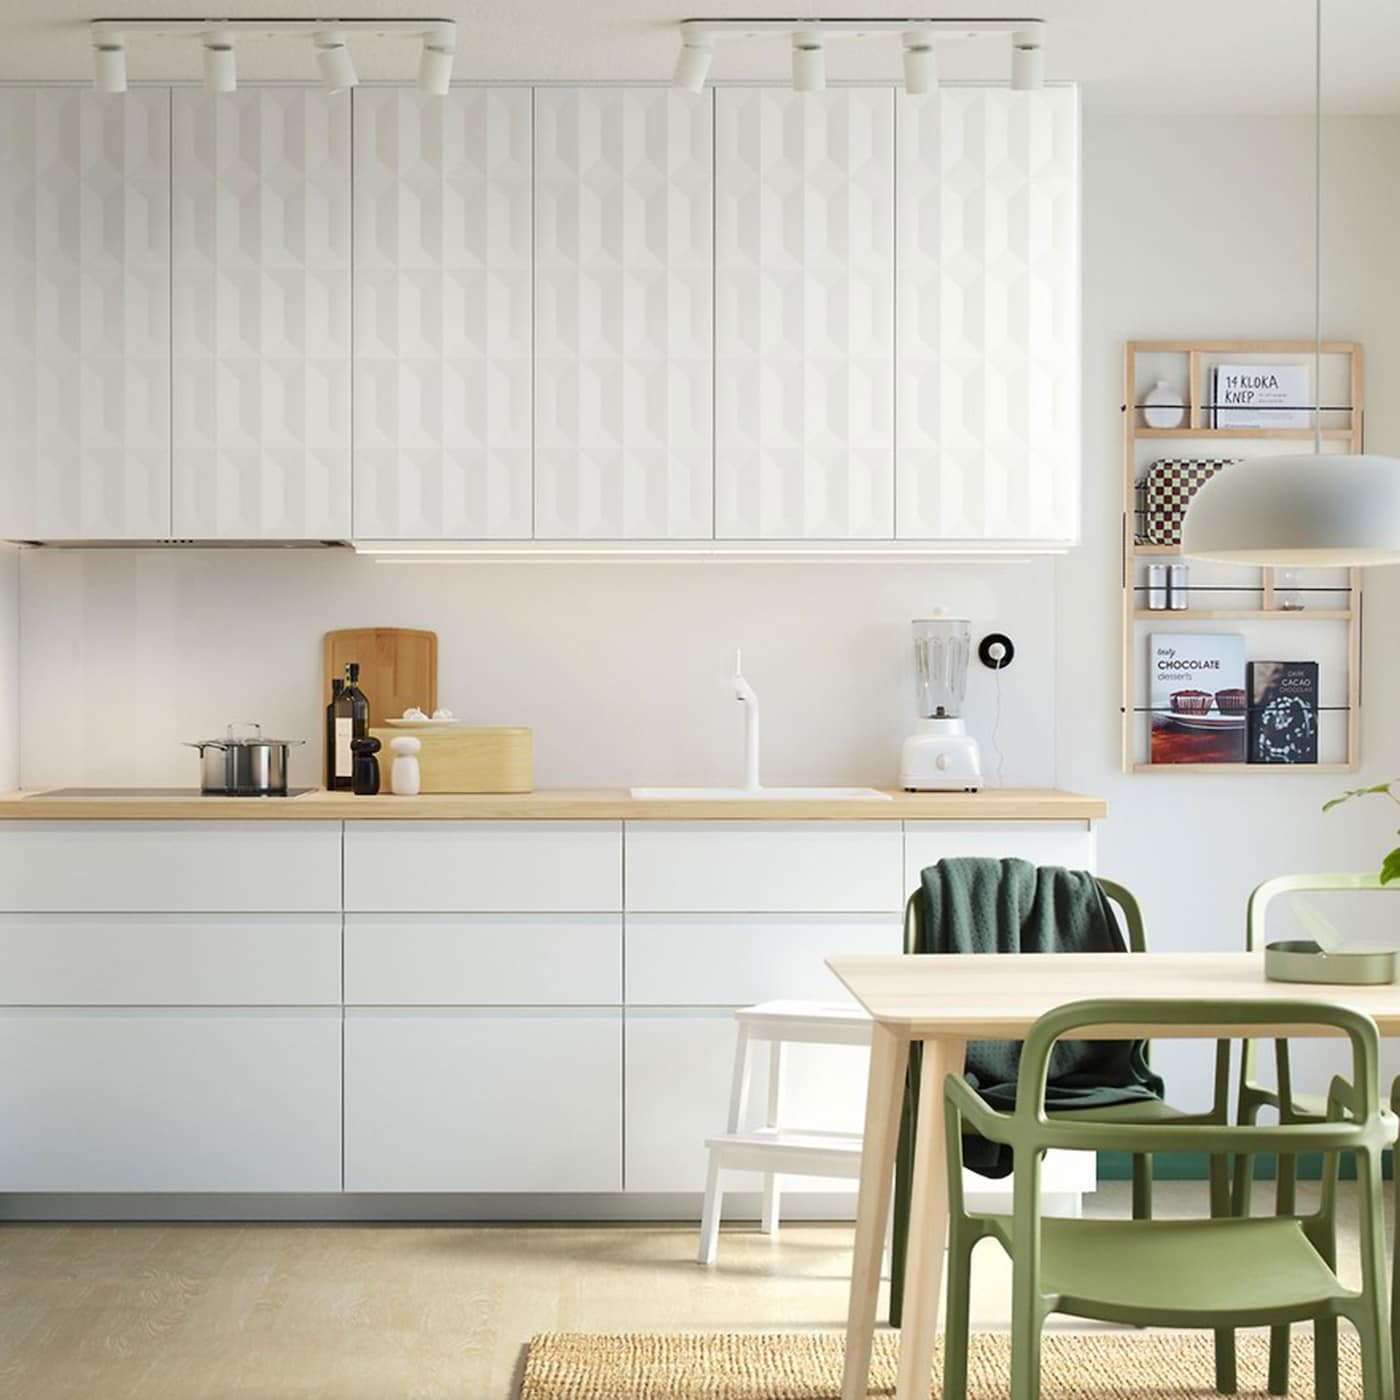 Sleek Kitchen Scandinavian Style Ikea